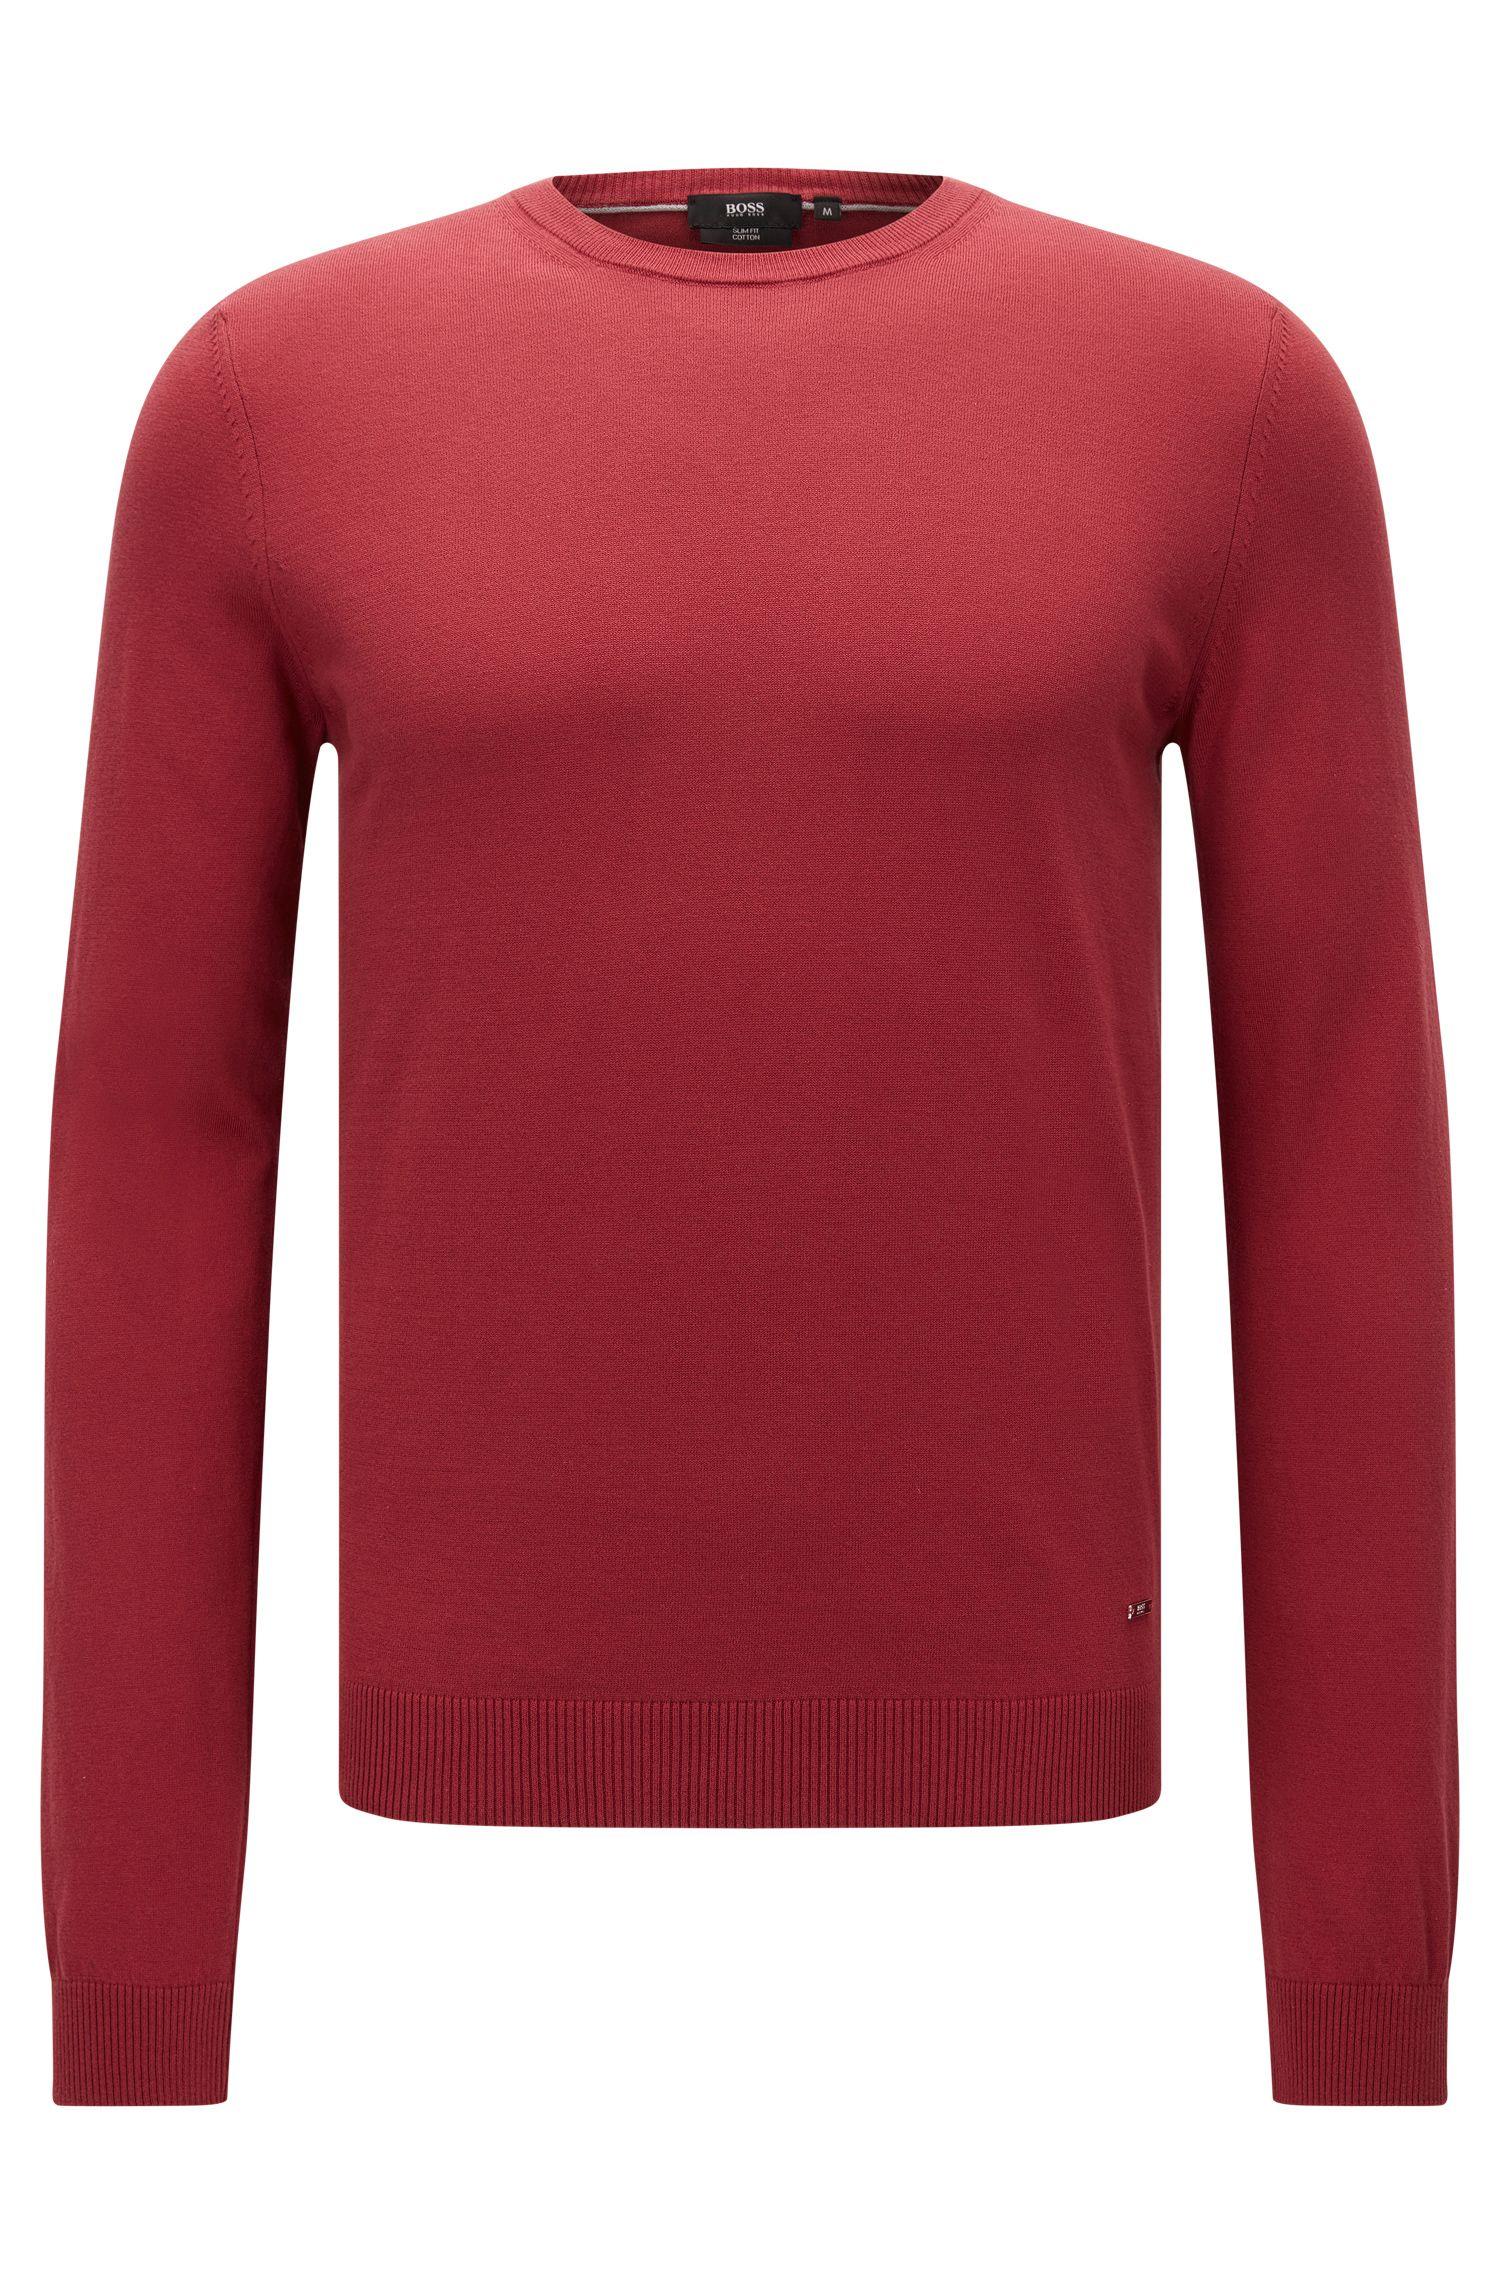 Slim-Fit Pullover aus edler Baumwolle mit gerippten Details